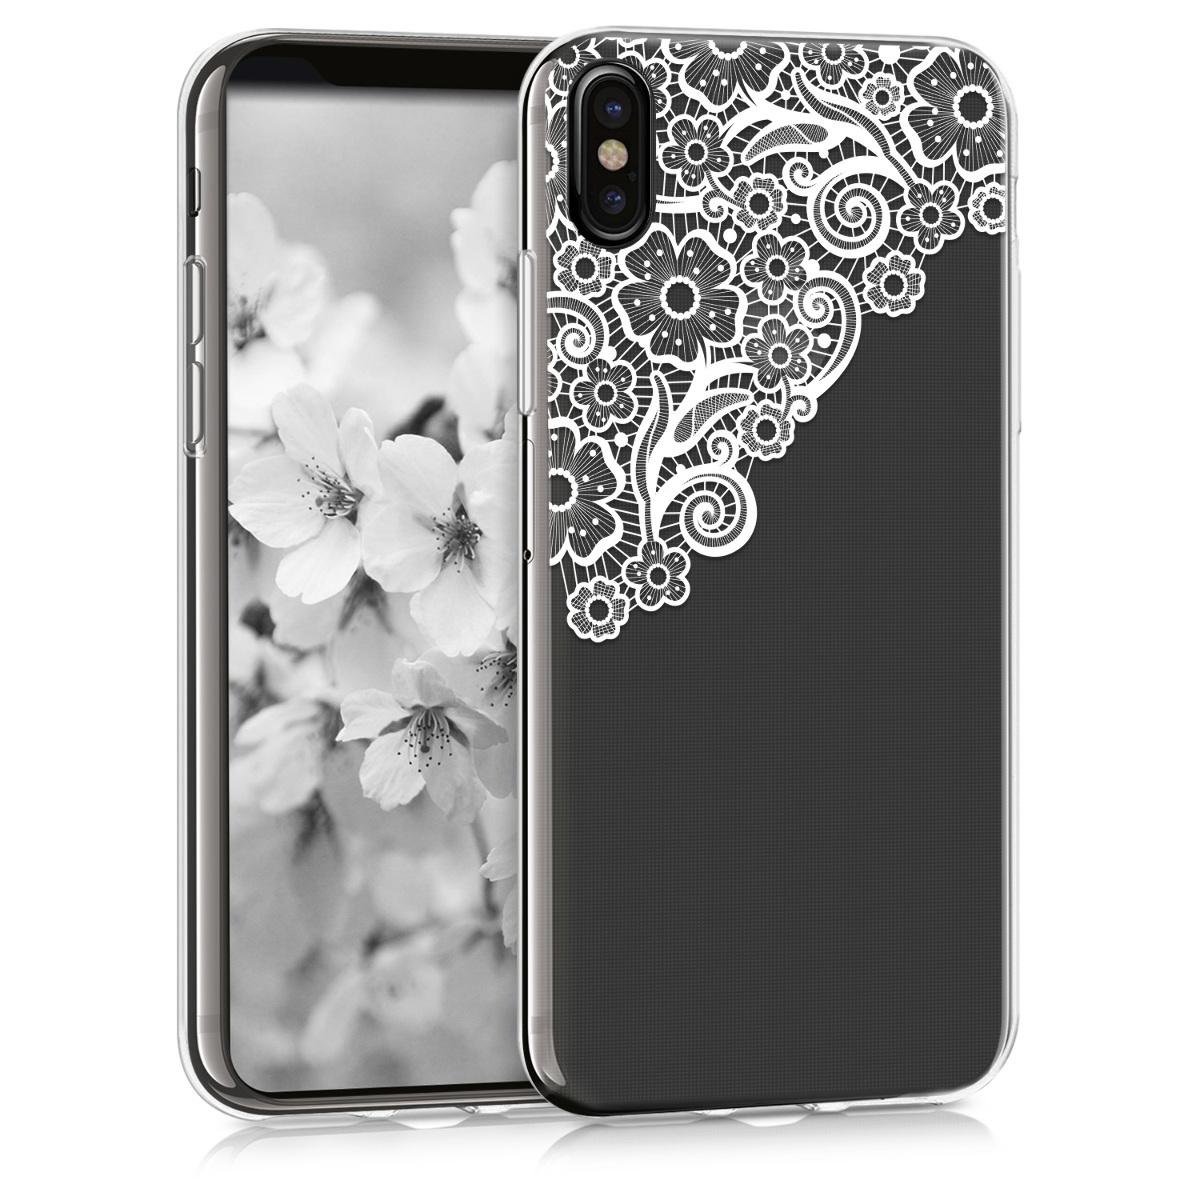 Kvalitní silikonové TPU pouzdro pro Apple iPhone X - Moře květů Lace White | Transparent